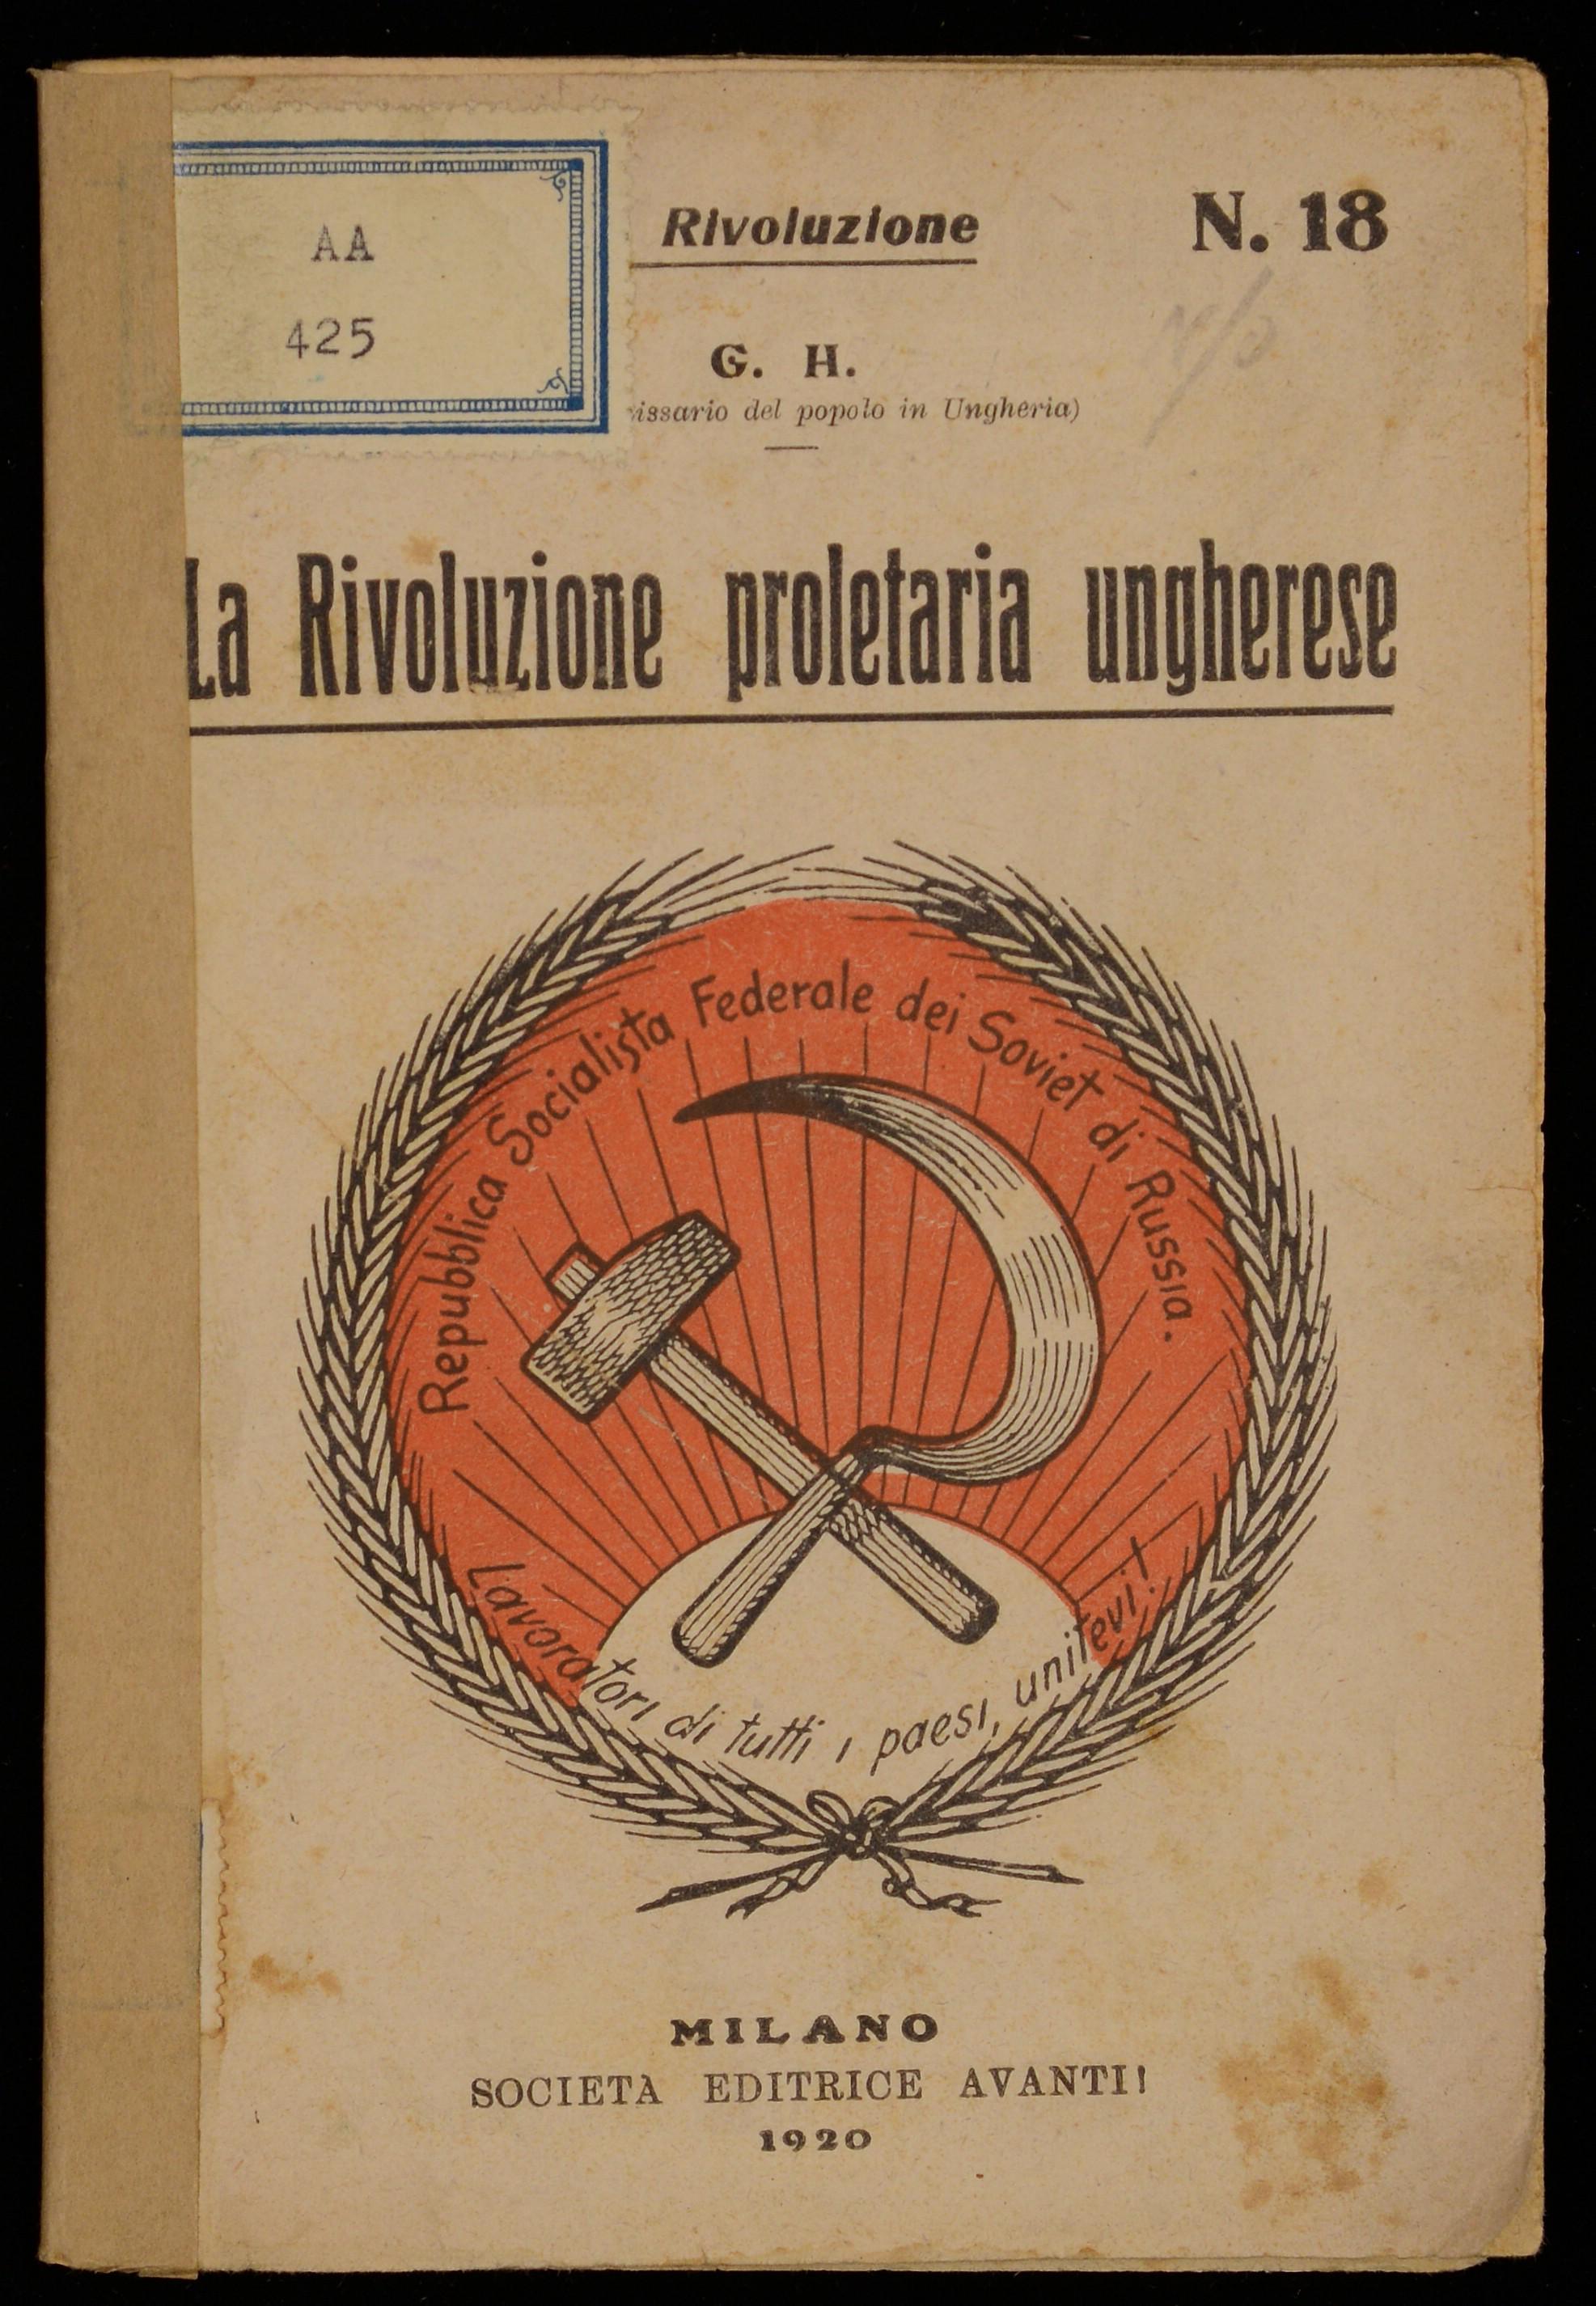 La rivoluzione proletaria ungherese